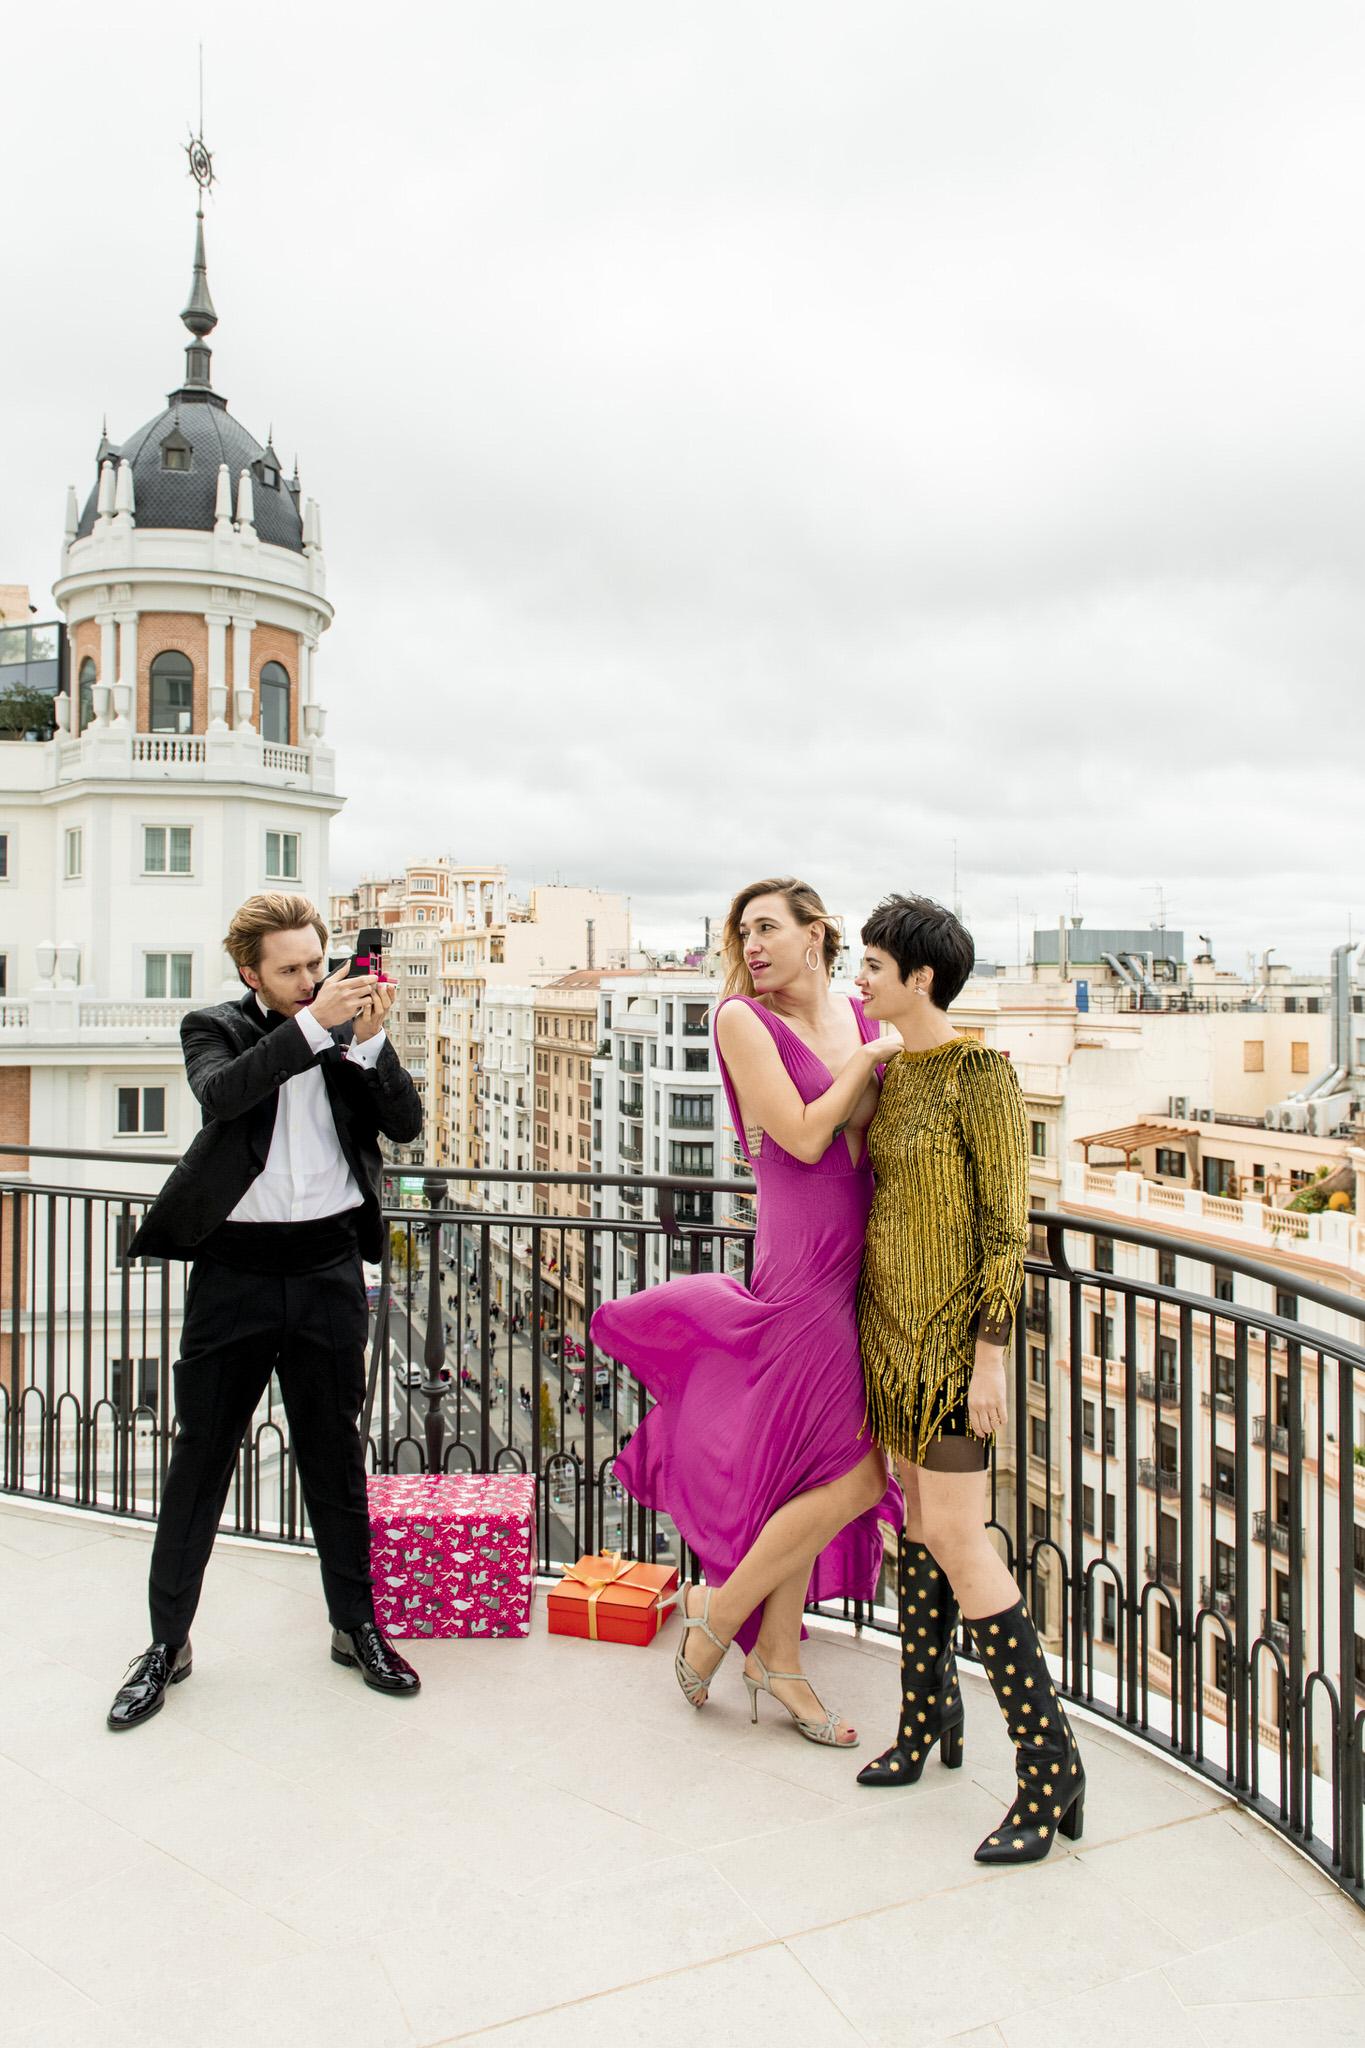 Extra Regalos 2019_Loreto Mauleon_Abril Zamora_Pablo Rivero